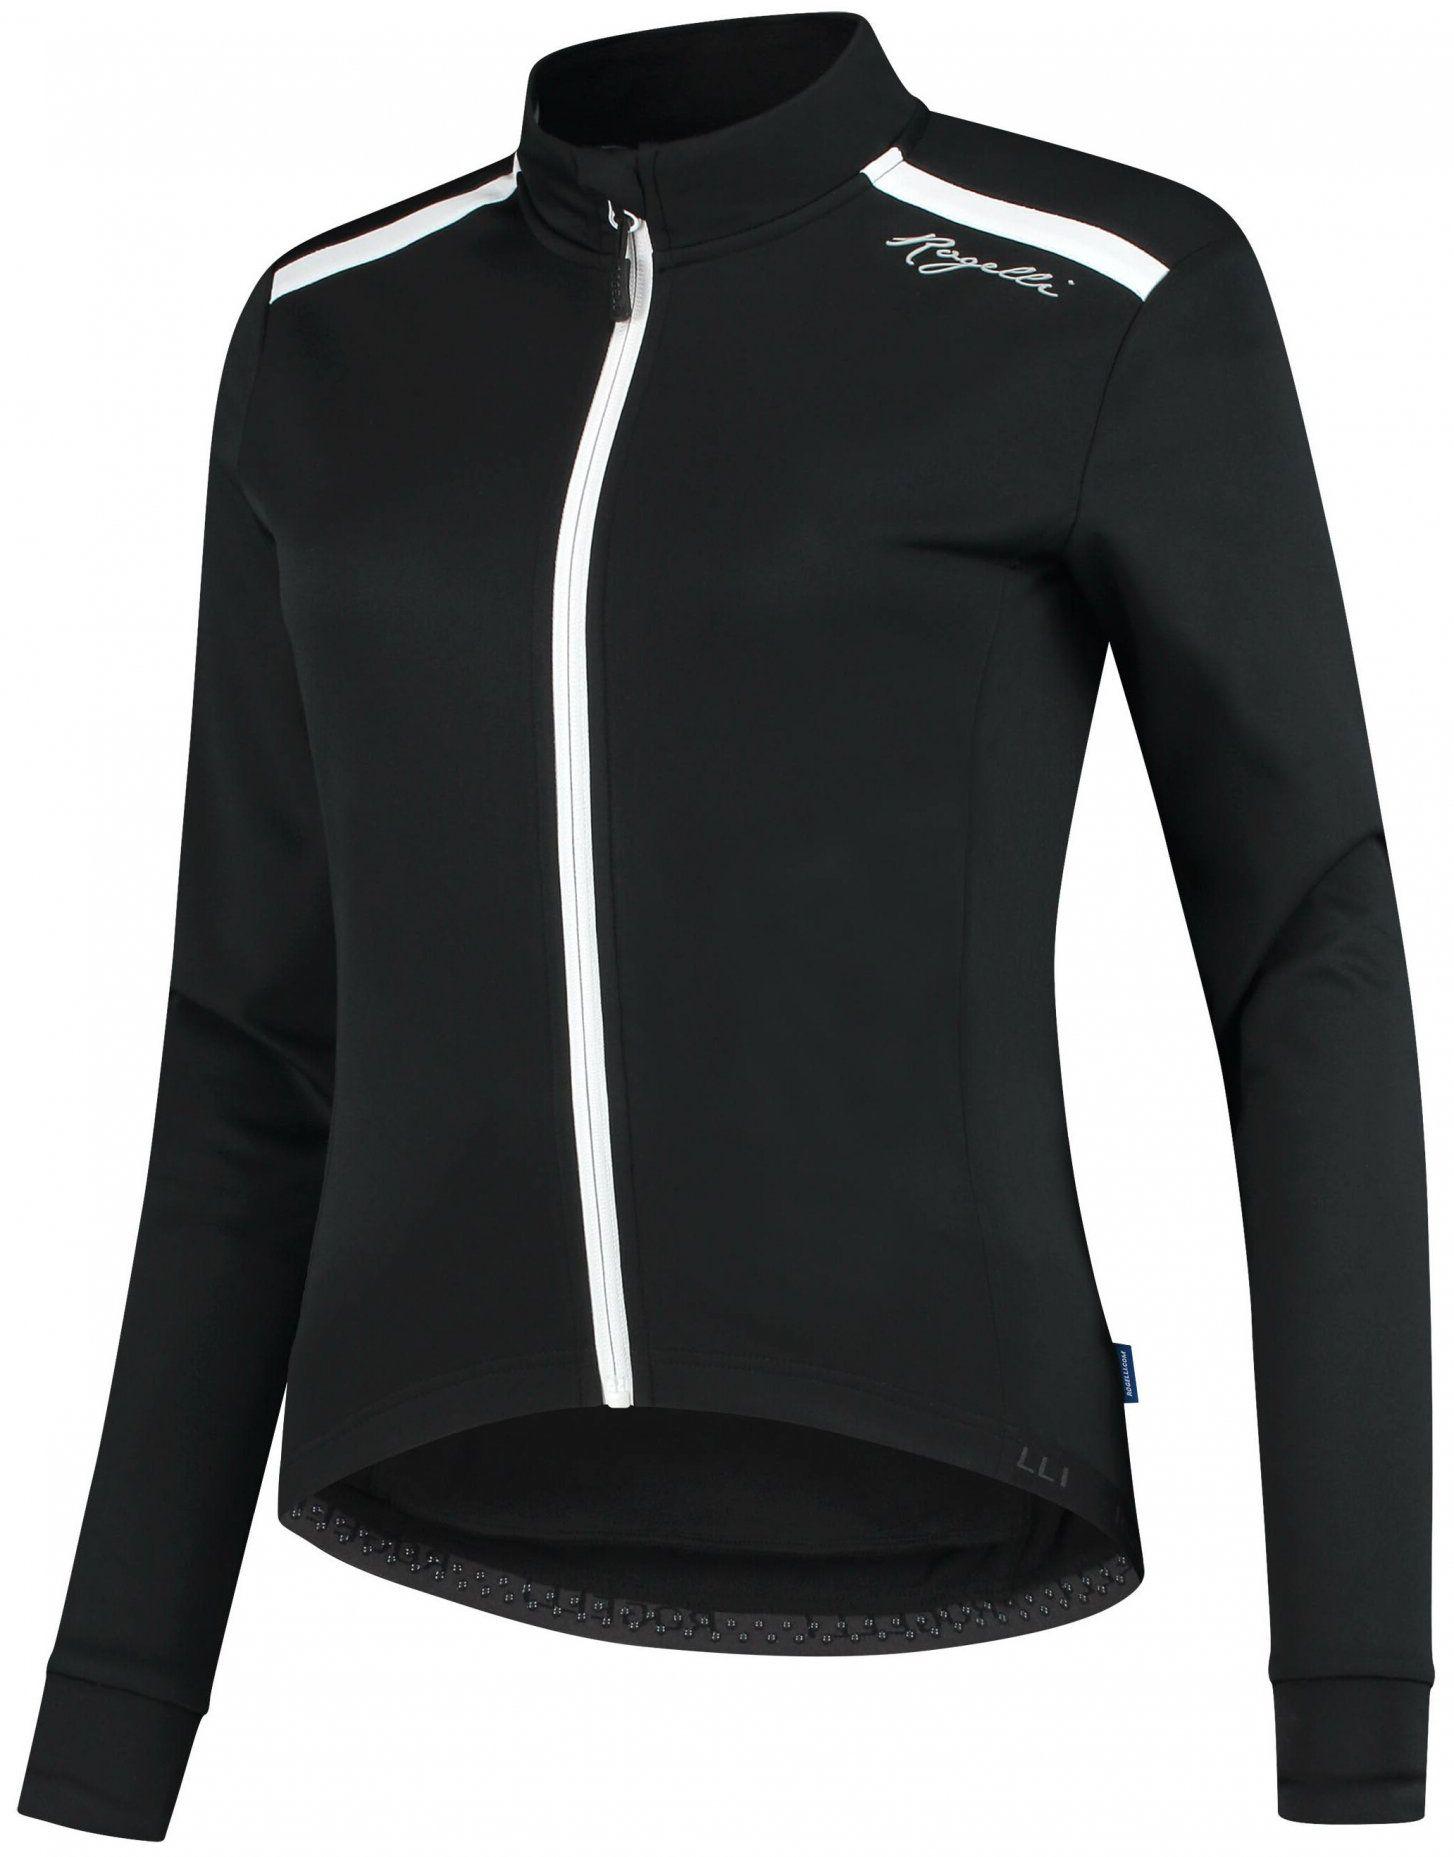 ROGELLI PESARA damska zimowa kurtka rowerowa, czarno-biała Rozmiar: S,010.317